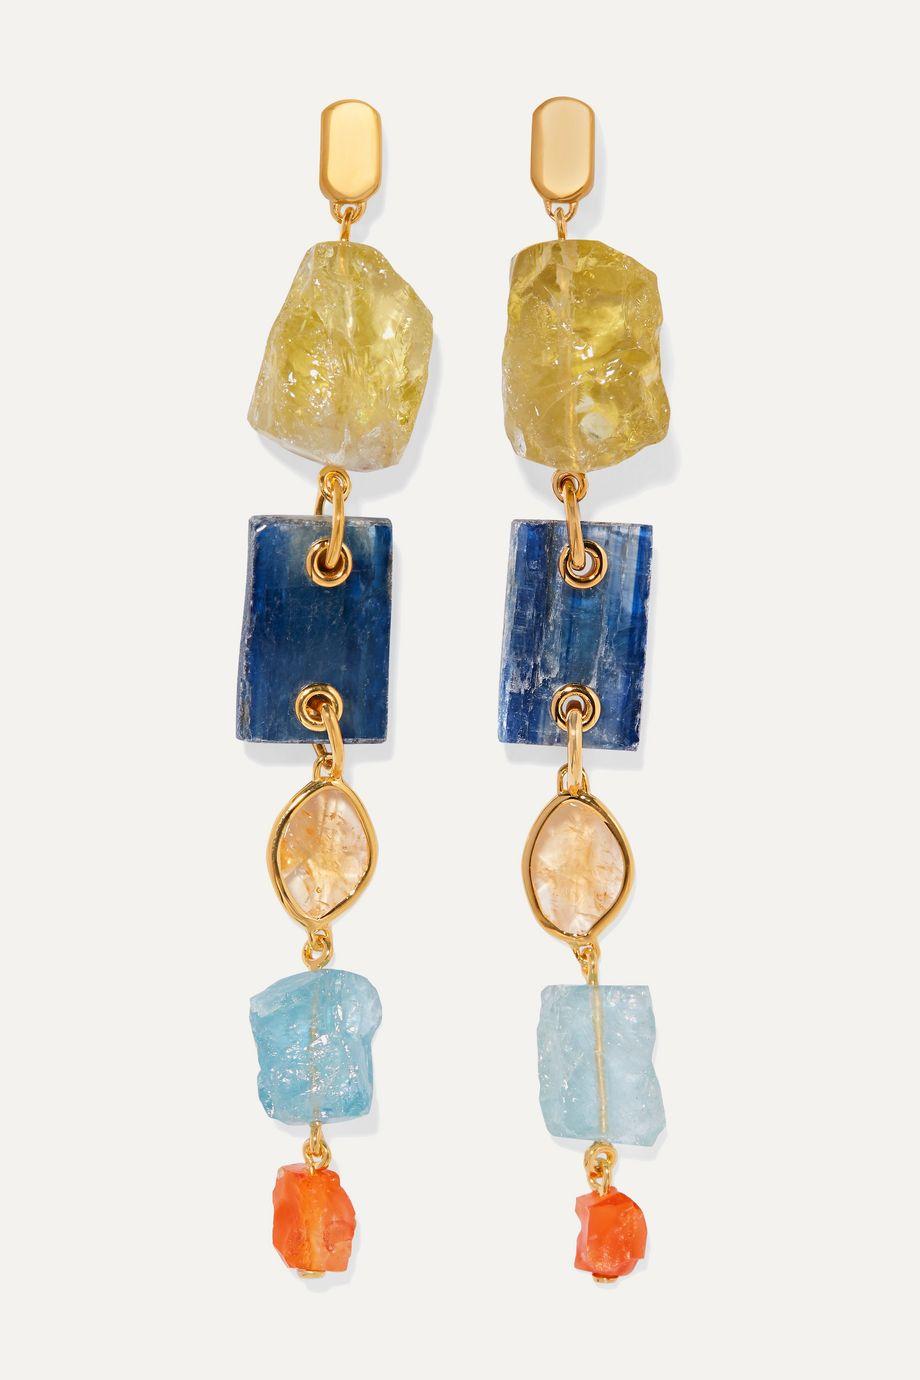 Monica Vinader + Caroline Issa gold vermeil multi-stone earrings